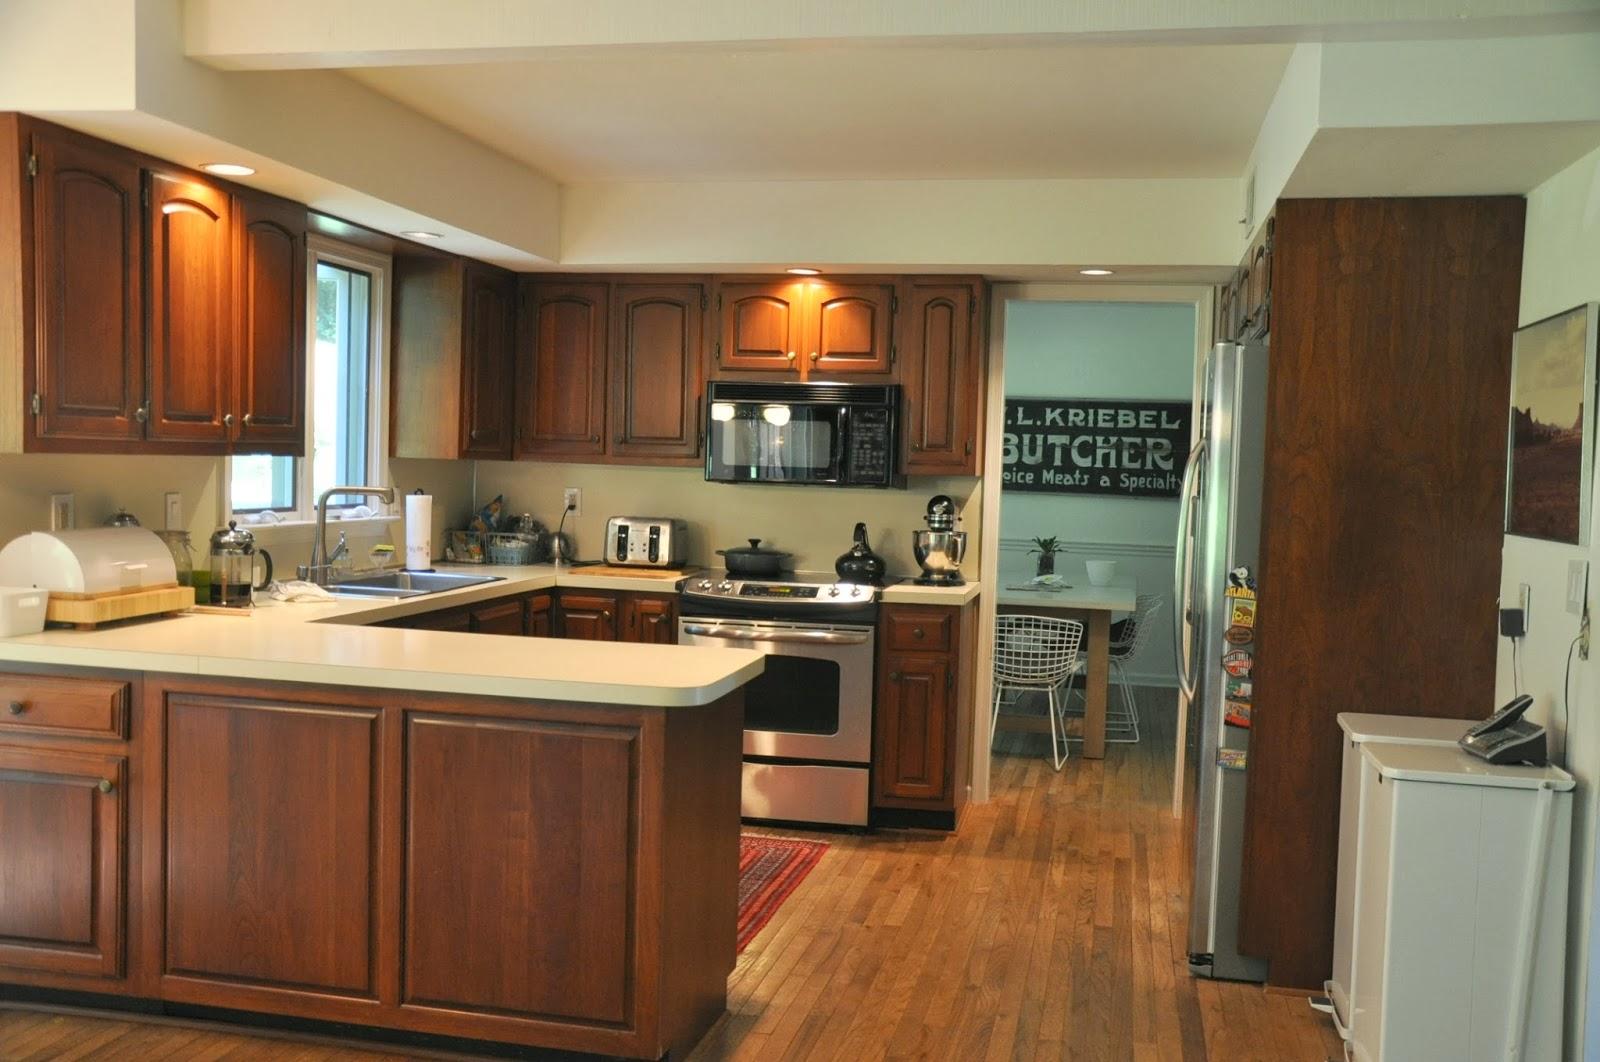 excellent-design-de-cuisine-marron-et-creme-en-forme-de-avec-comptoir-de-couleur-blanche-et-armoires-de-cuisine-marron-superbes-idees-de-conception-de-cuisine-avec-chic-couleur marron